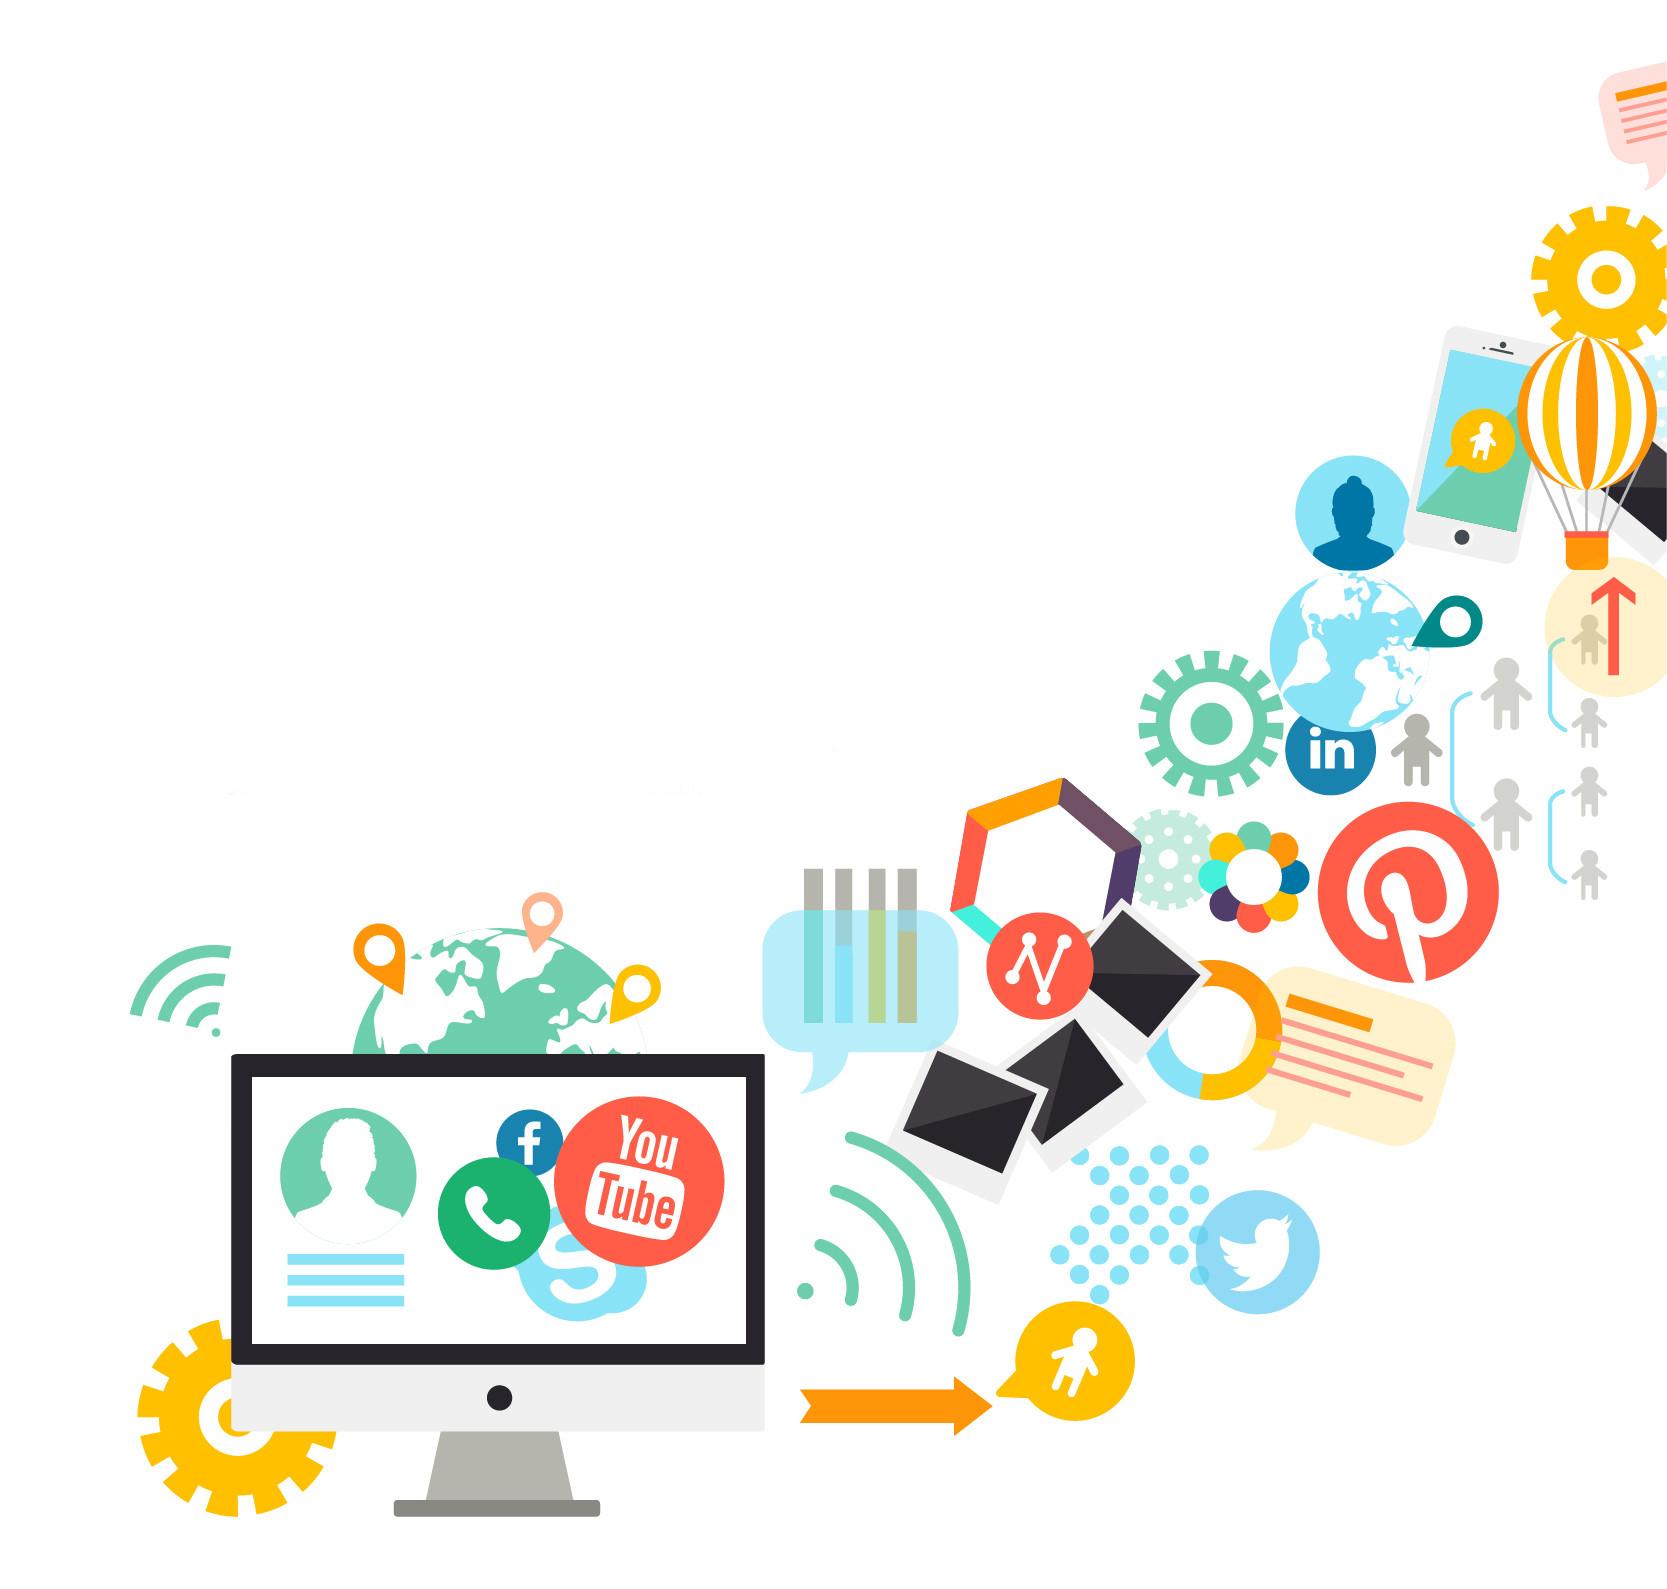 wordpress social plugins blog compartilhamento mídia social redes sociais